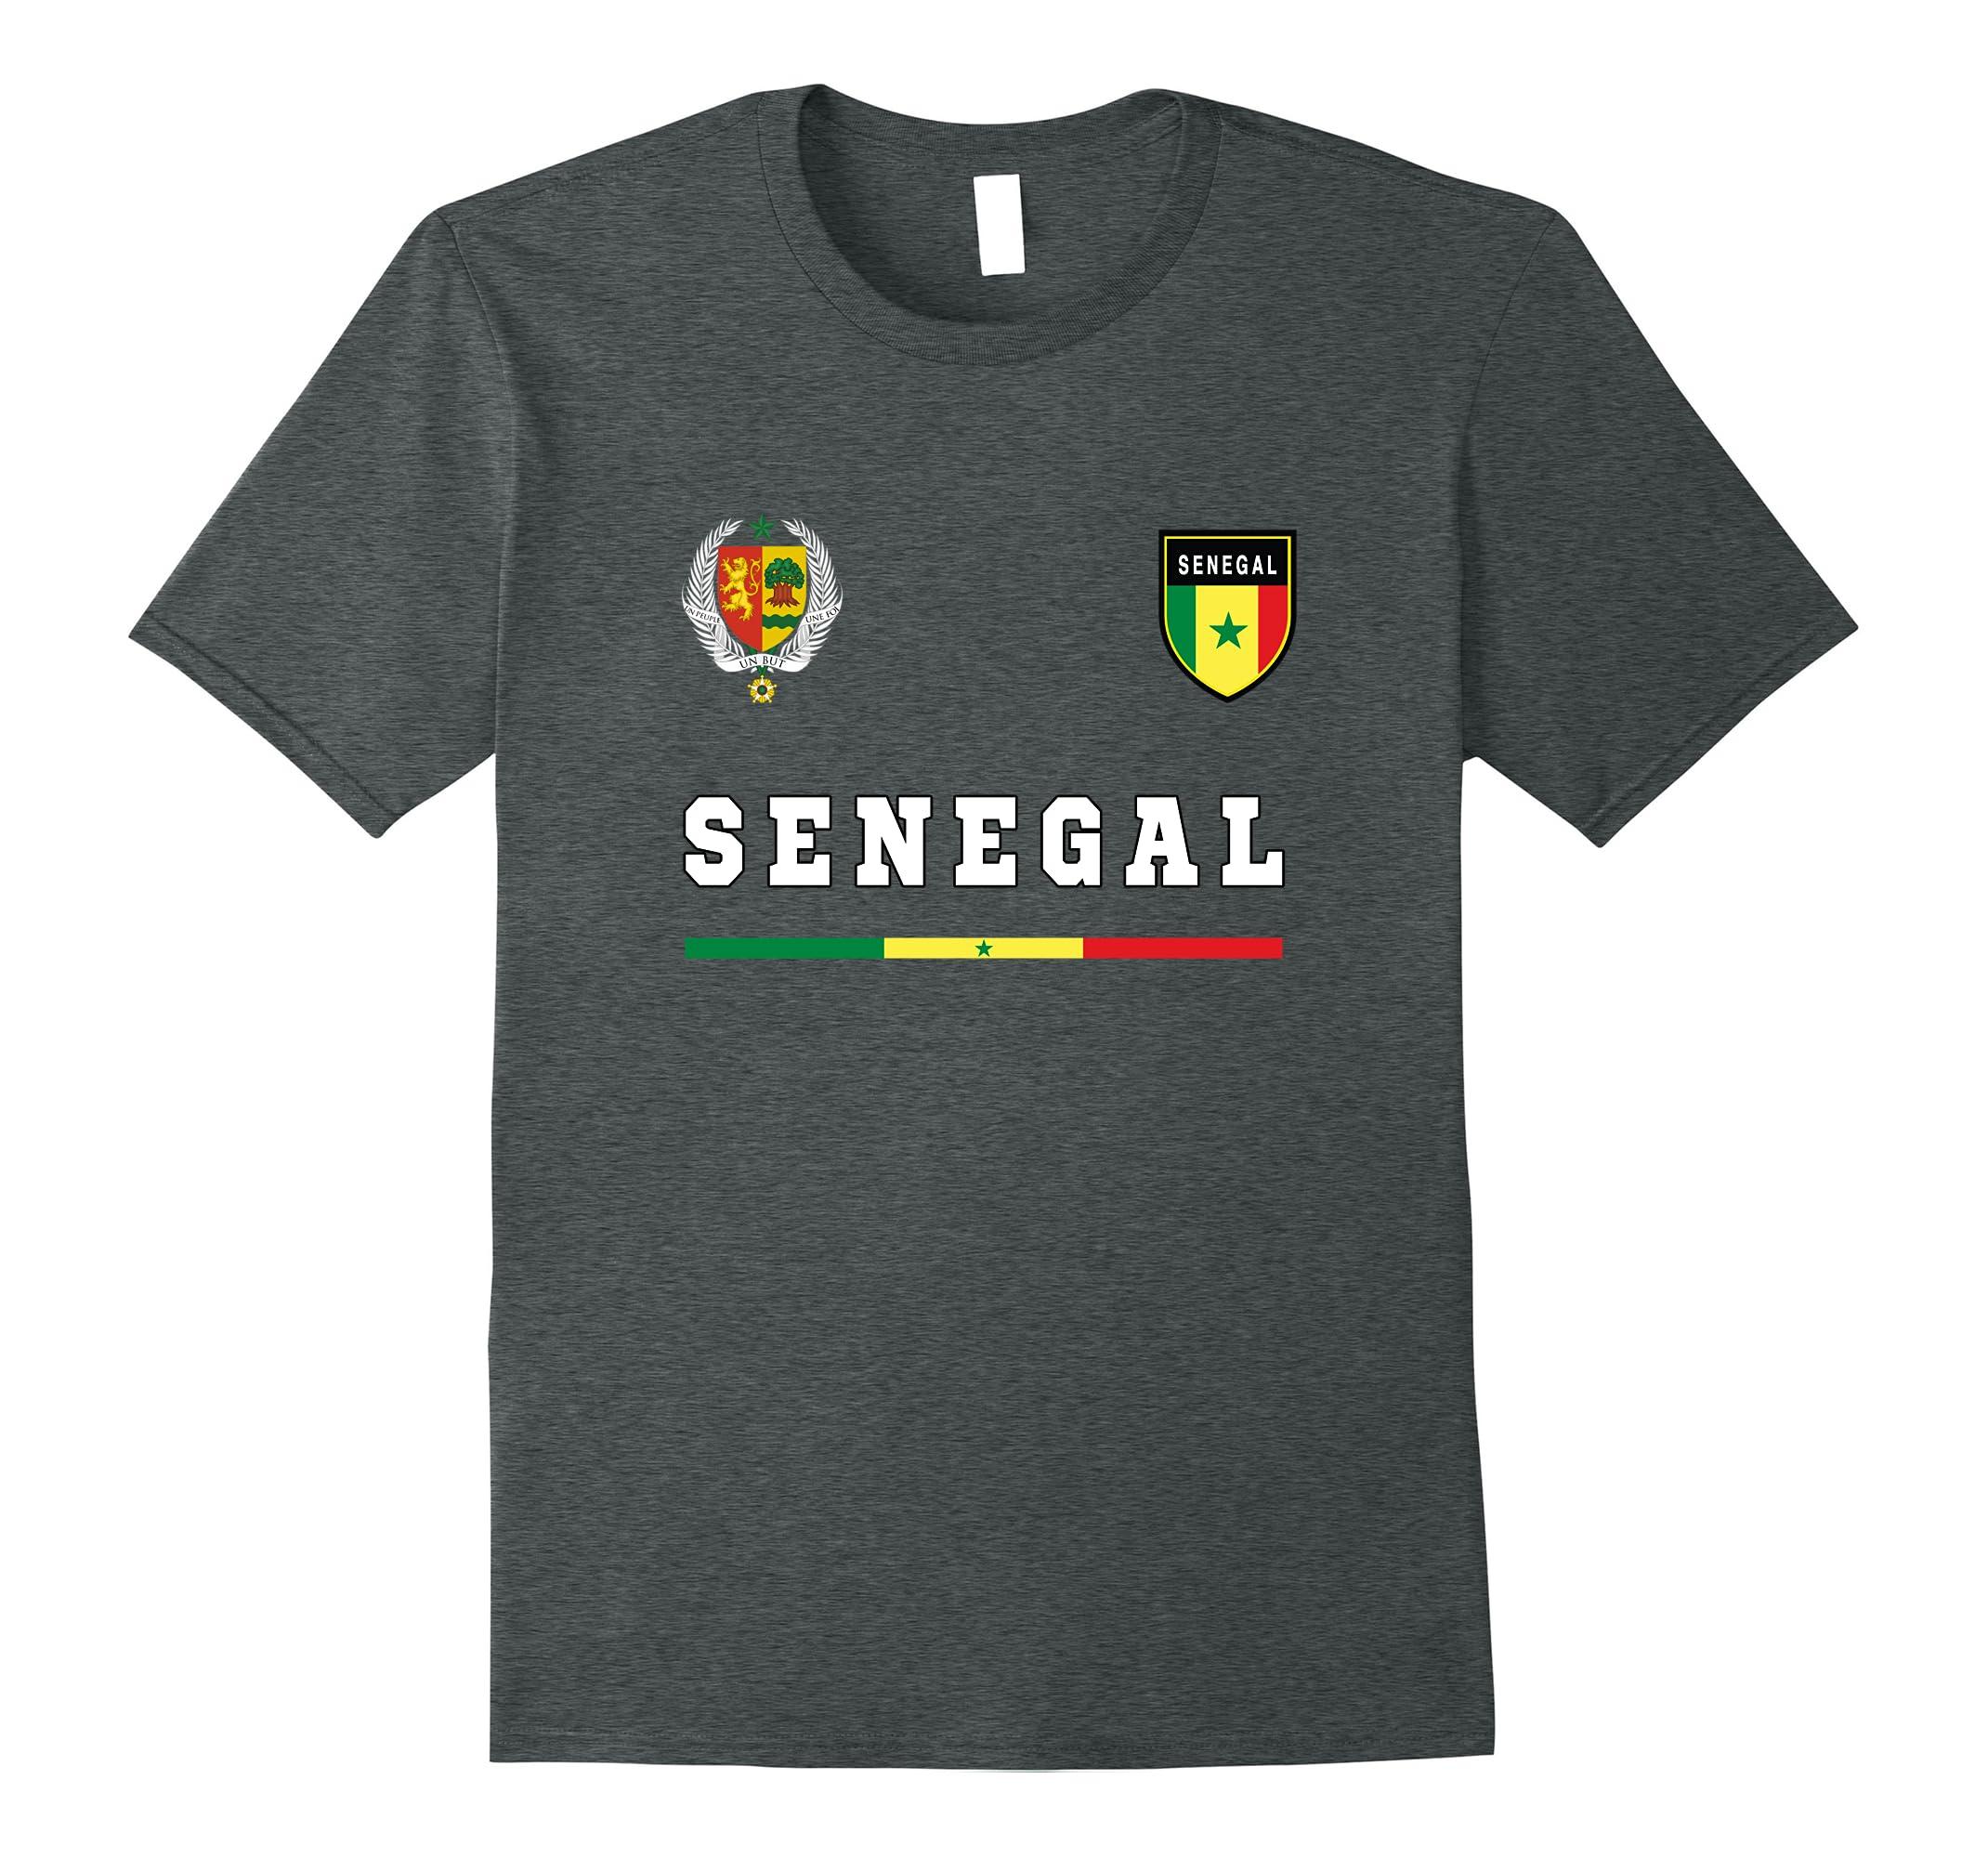 Senegal Soccer T-Shirt Retro Football Jersey Tee Sport-RT